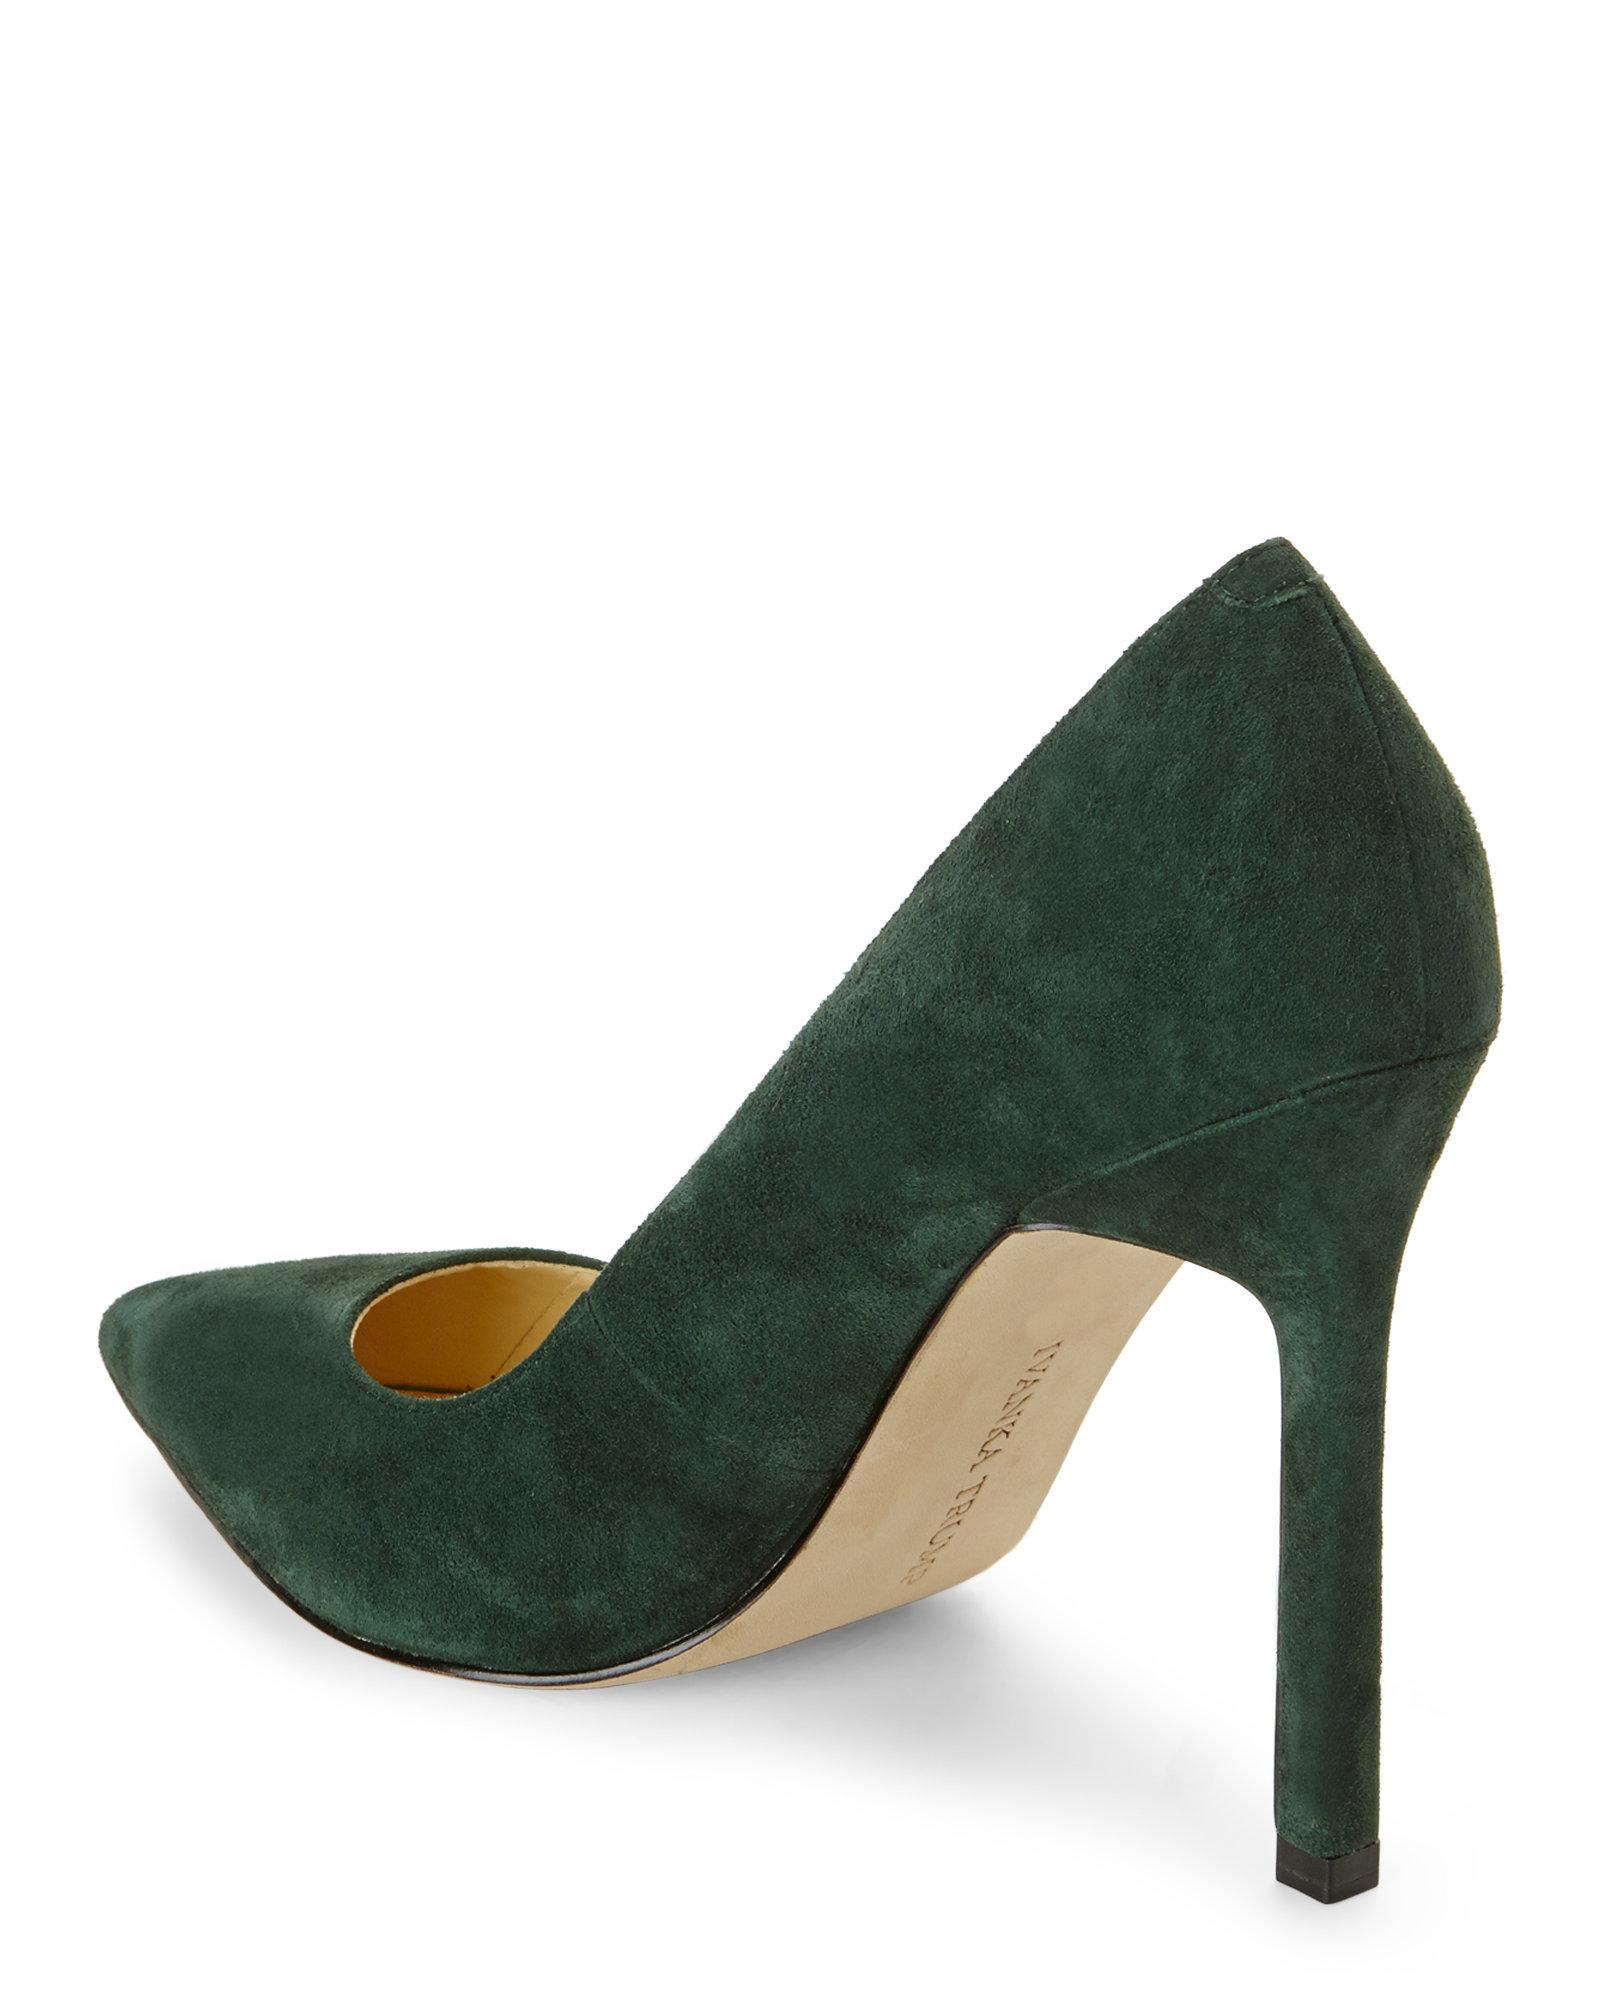 emerald green suede heels buy 7f854 dbaed